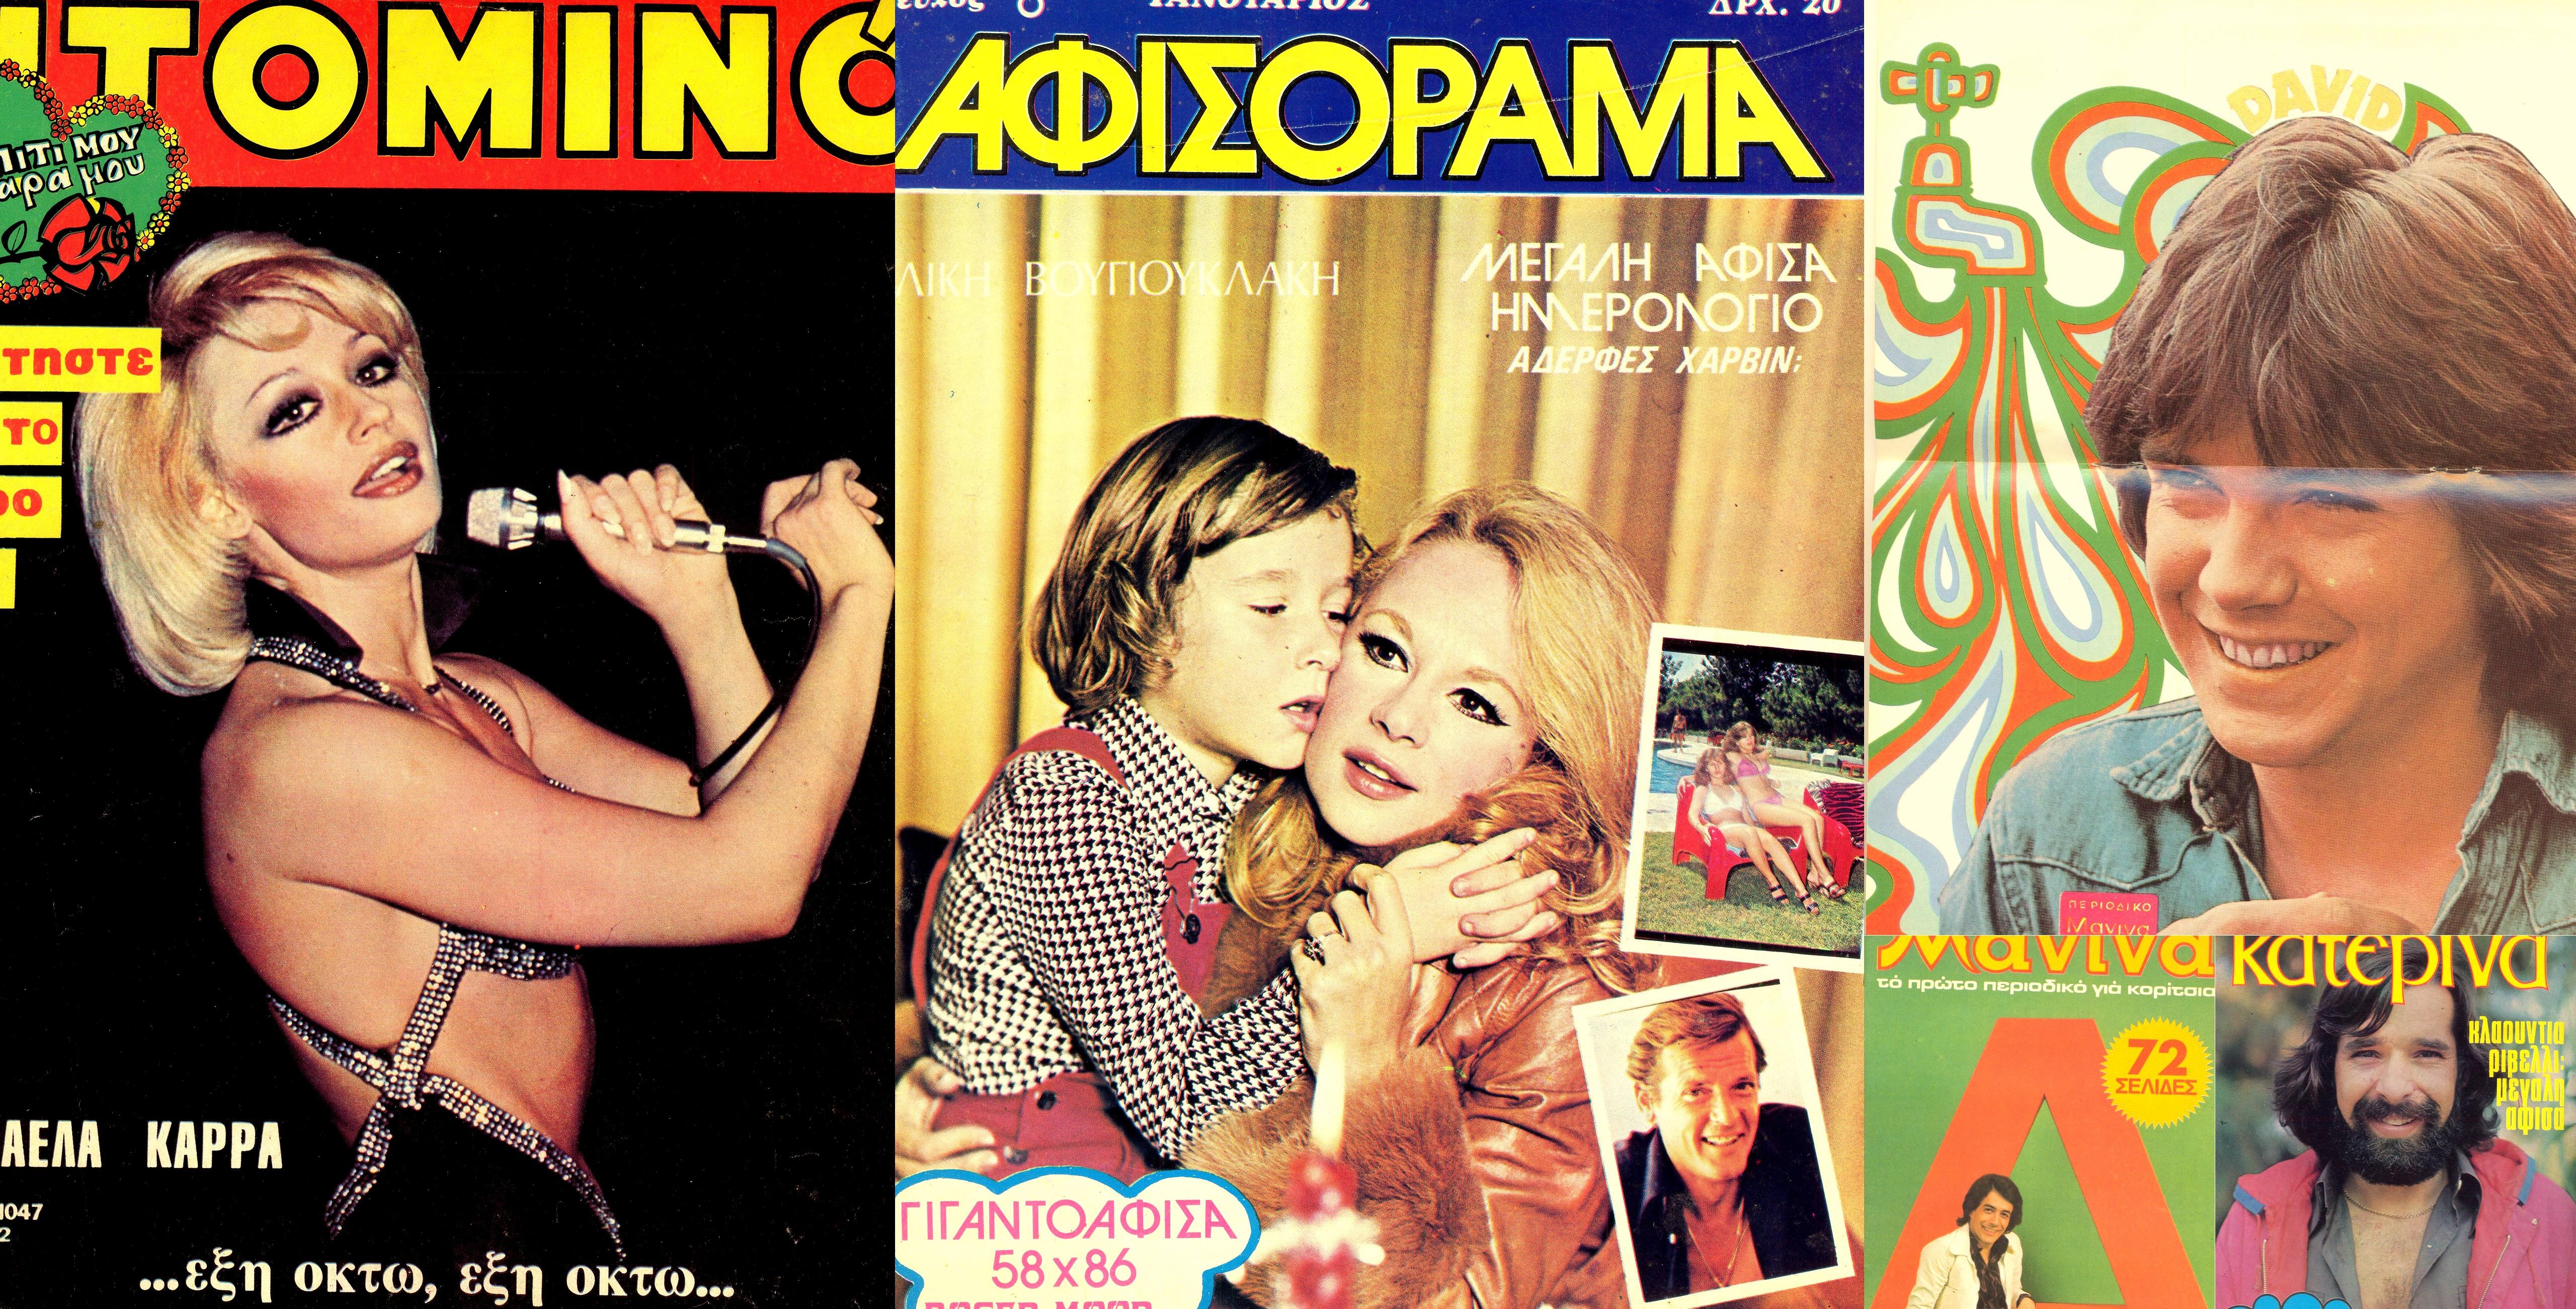 Τα αγαπημένα νεανικά είδωλα των '70ς